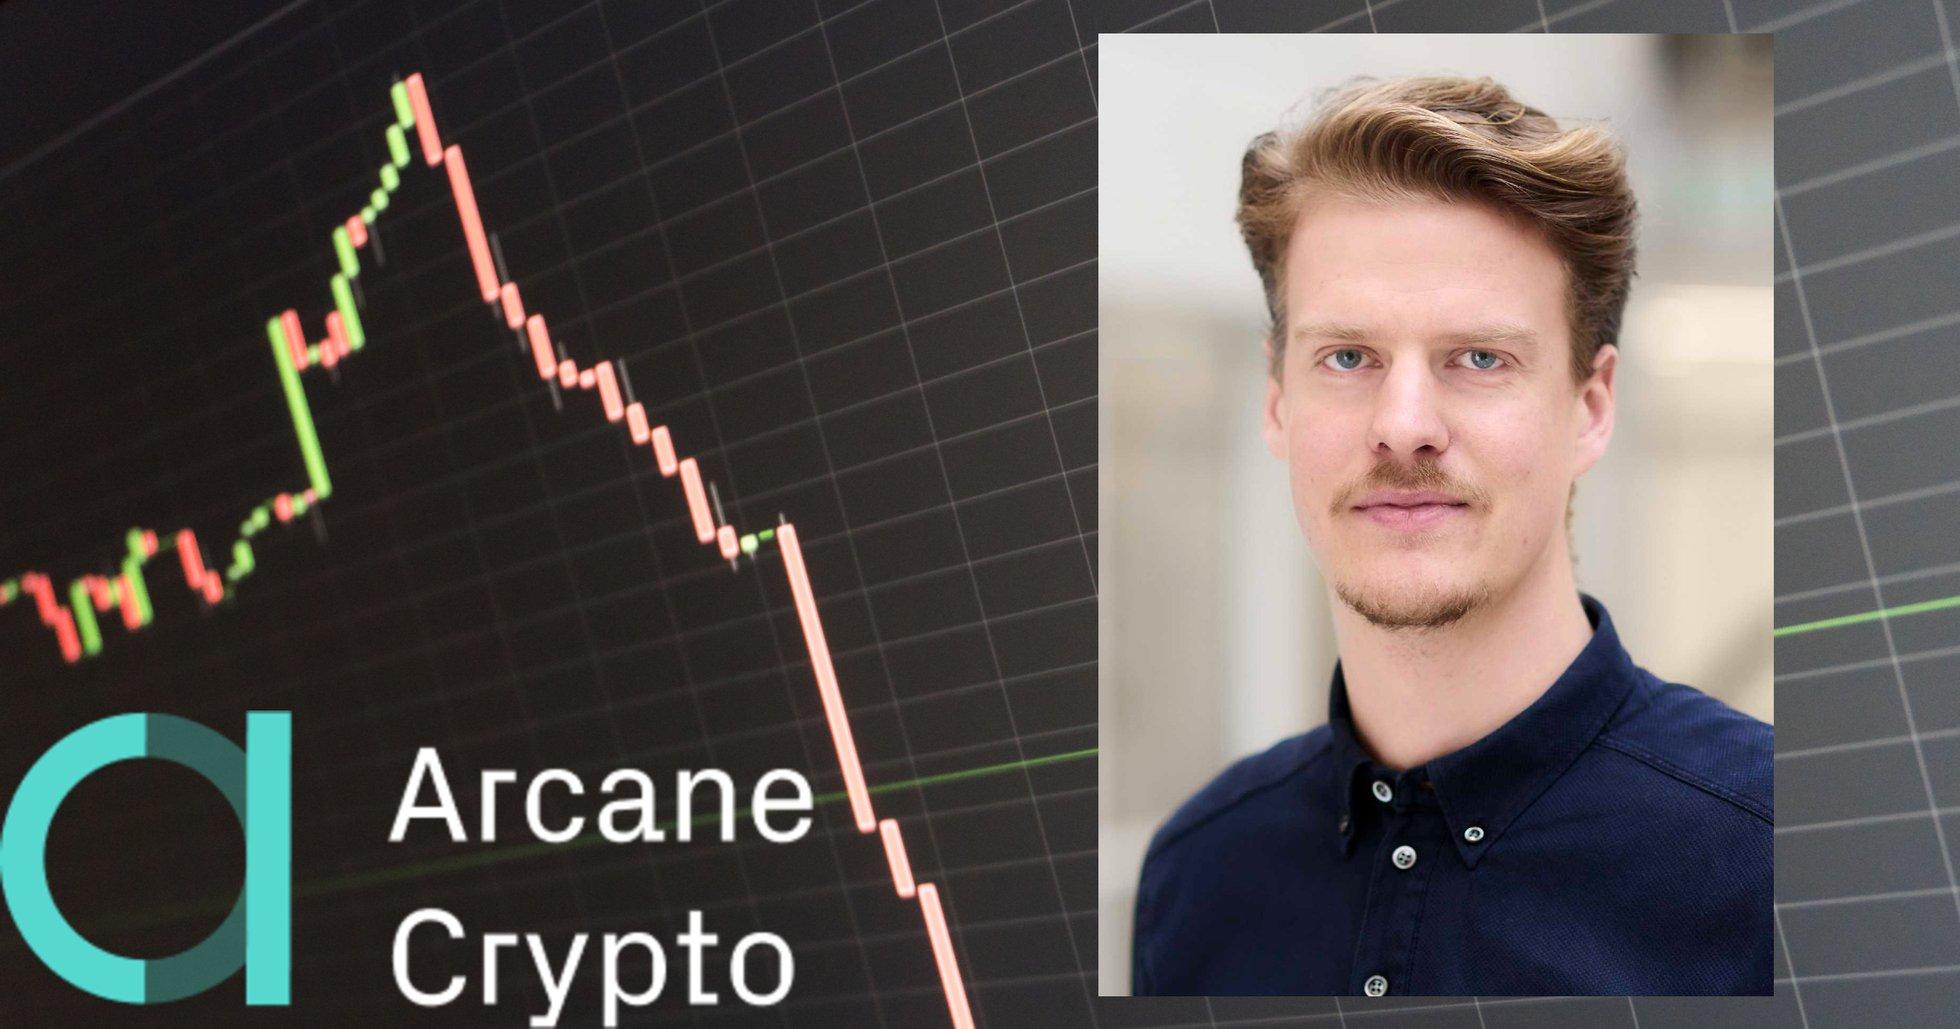 Efter galna kursrusningen – nu berättar Arcane Cryptos vd om de omtumlande börsdagarna.